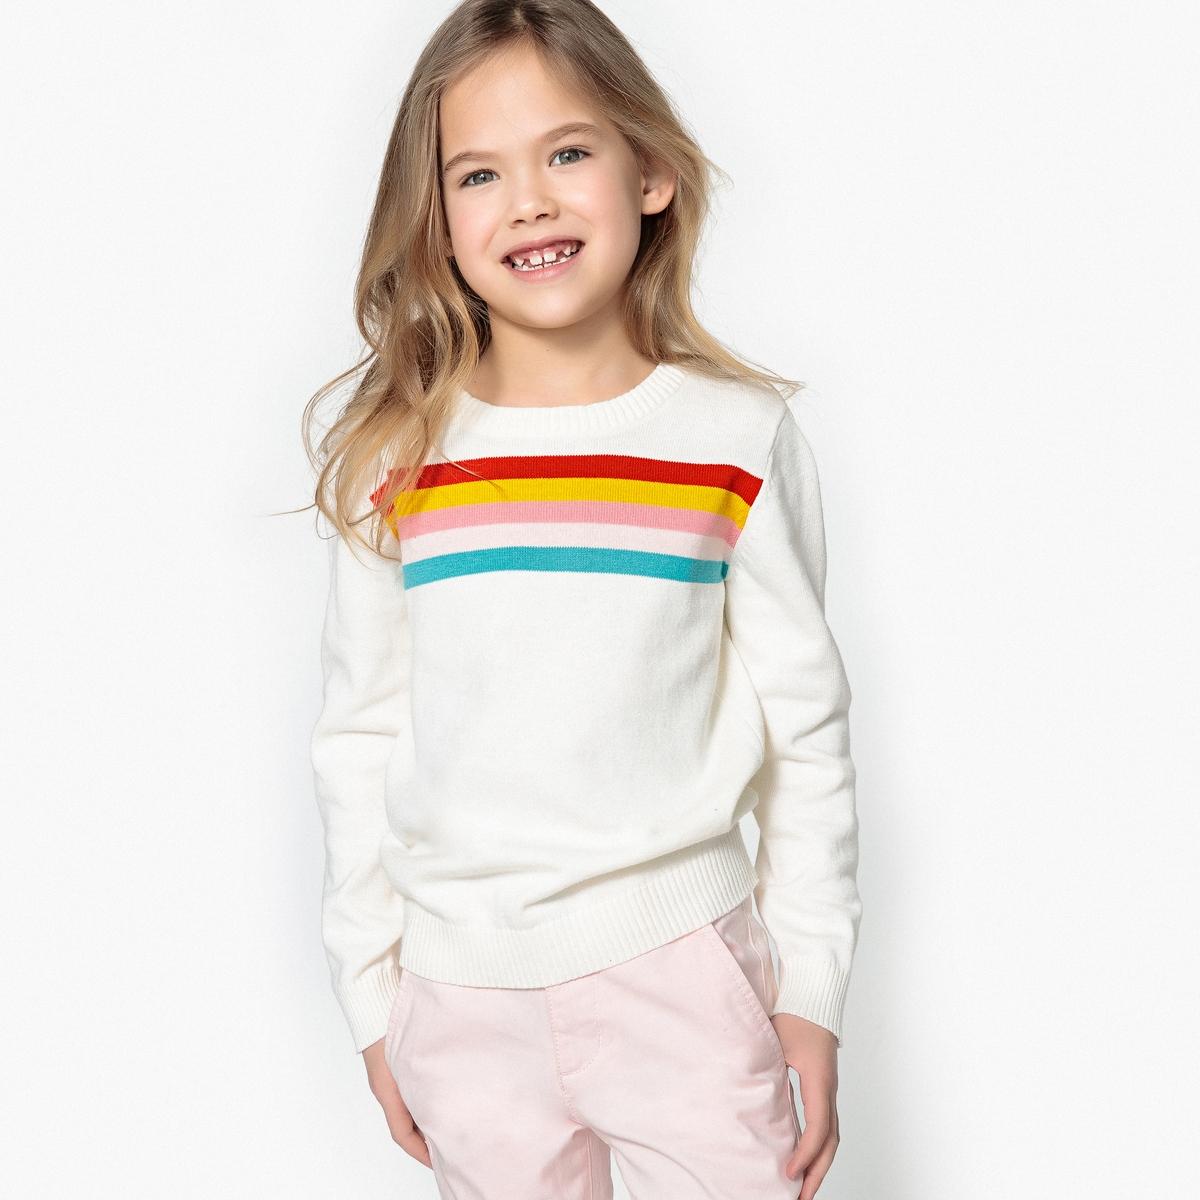 Пуловер с набивным рисунком в полоску, 3-12 лет